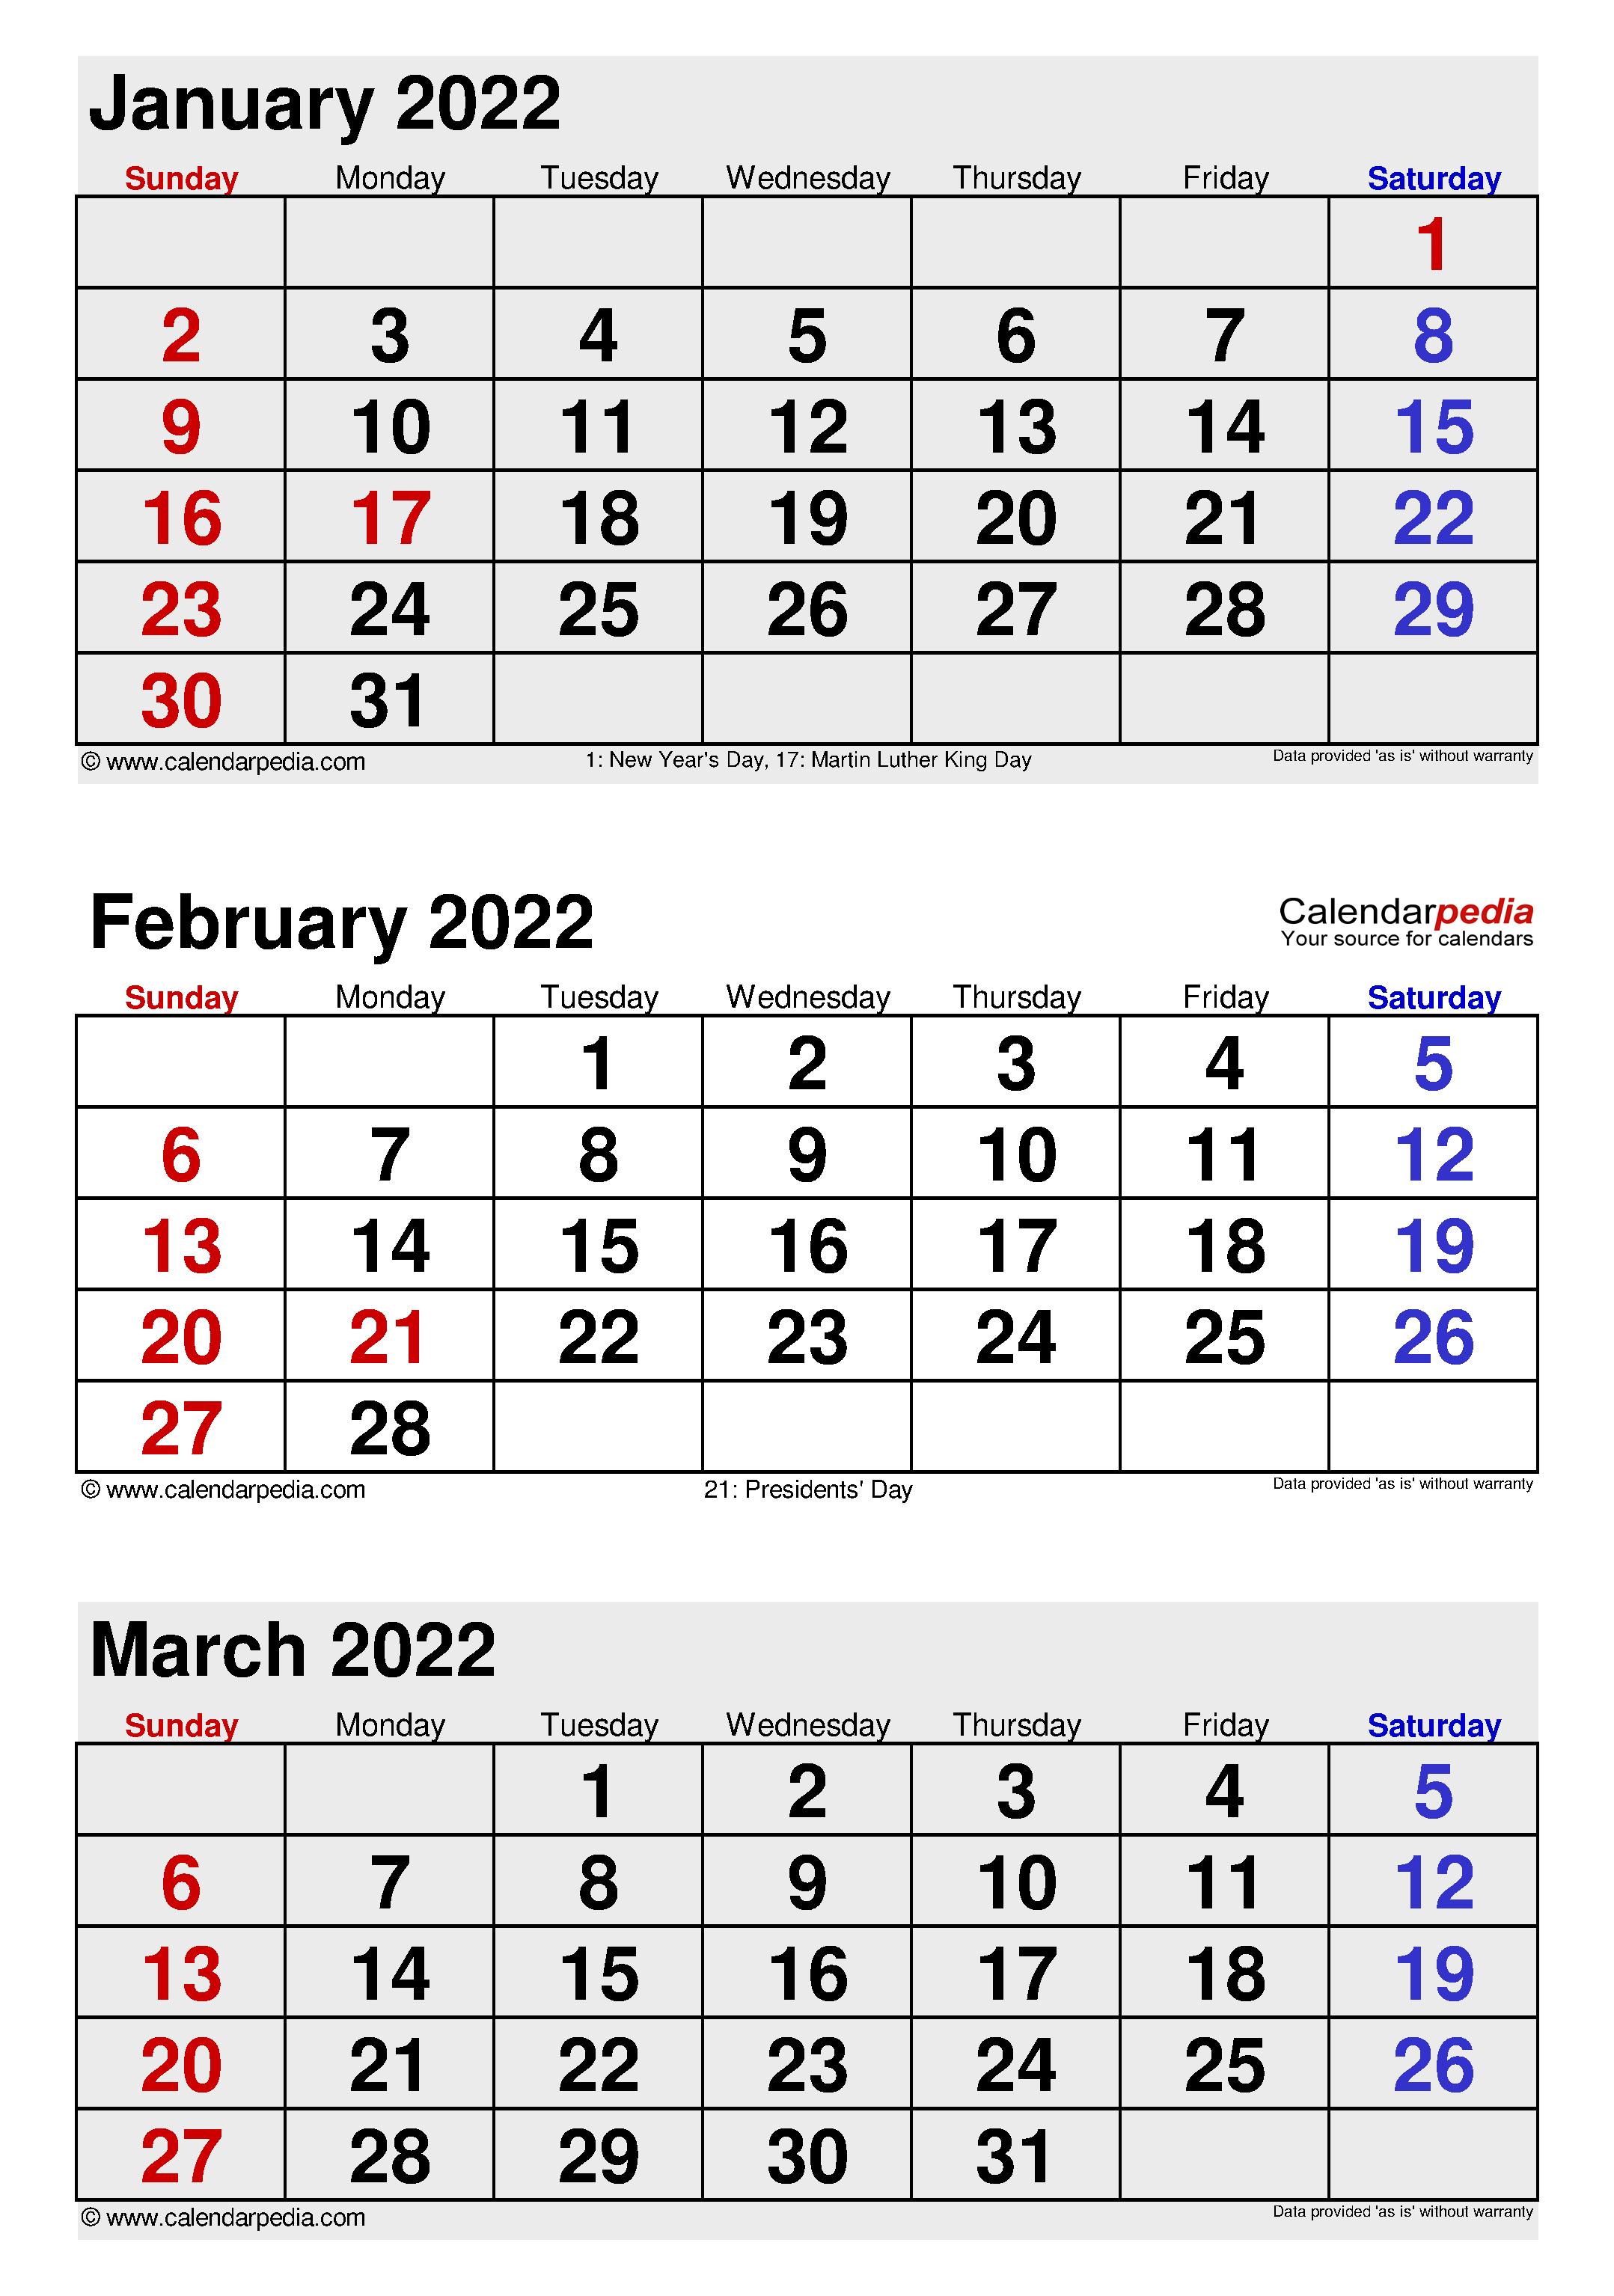 February 2022 Calendar | Templates For Word, Excel And Pdf regarding Printable Calendar February 2022